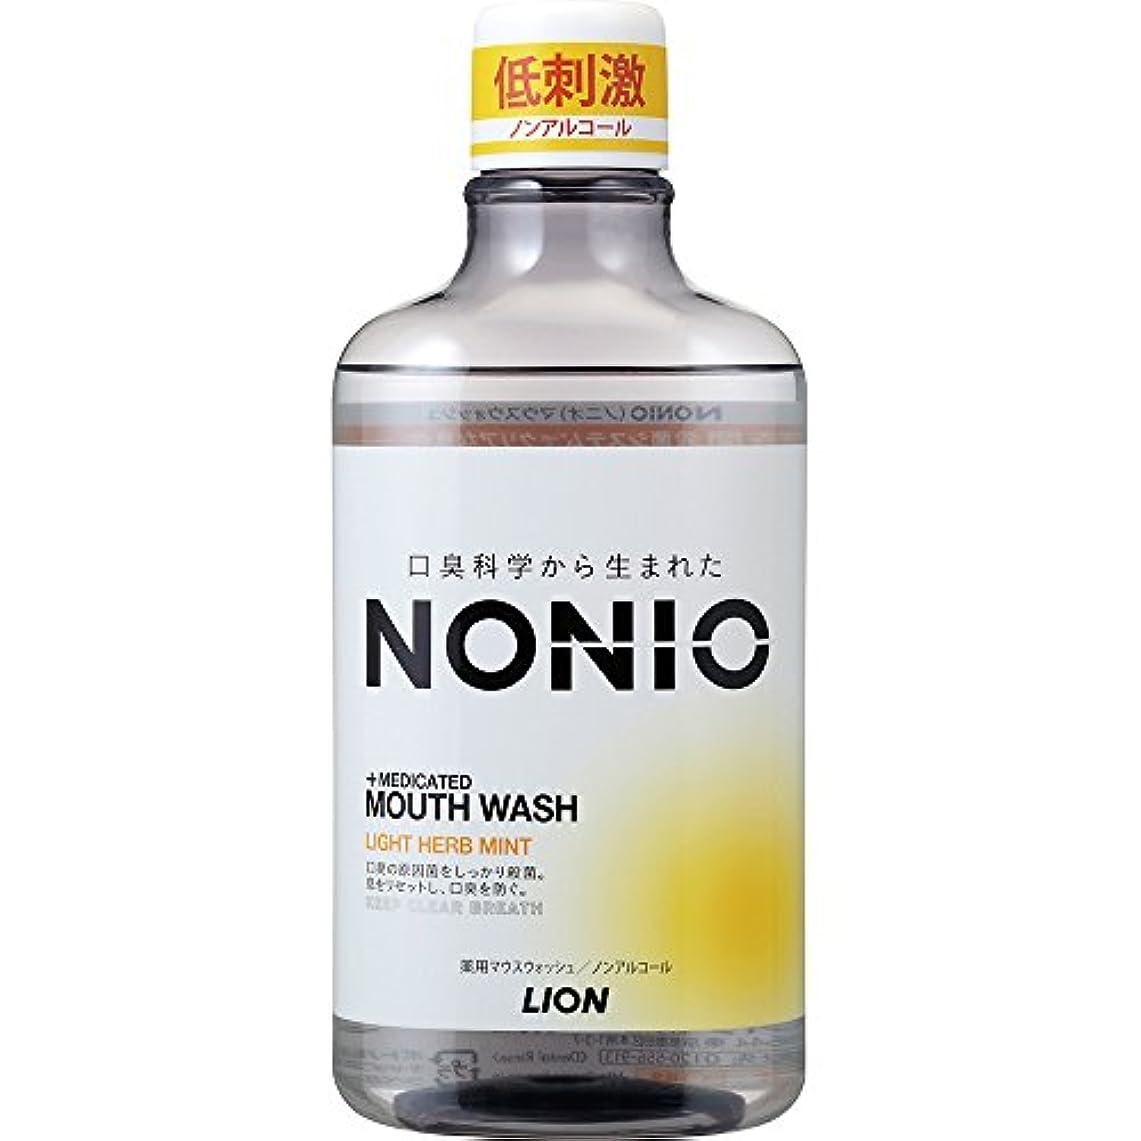 お金記録全員[医薬部外品]NONIO マウスウォッシュ ノンアルコール ライトハーブミント 600ml 洗口液